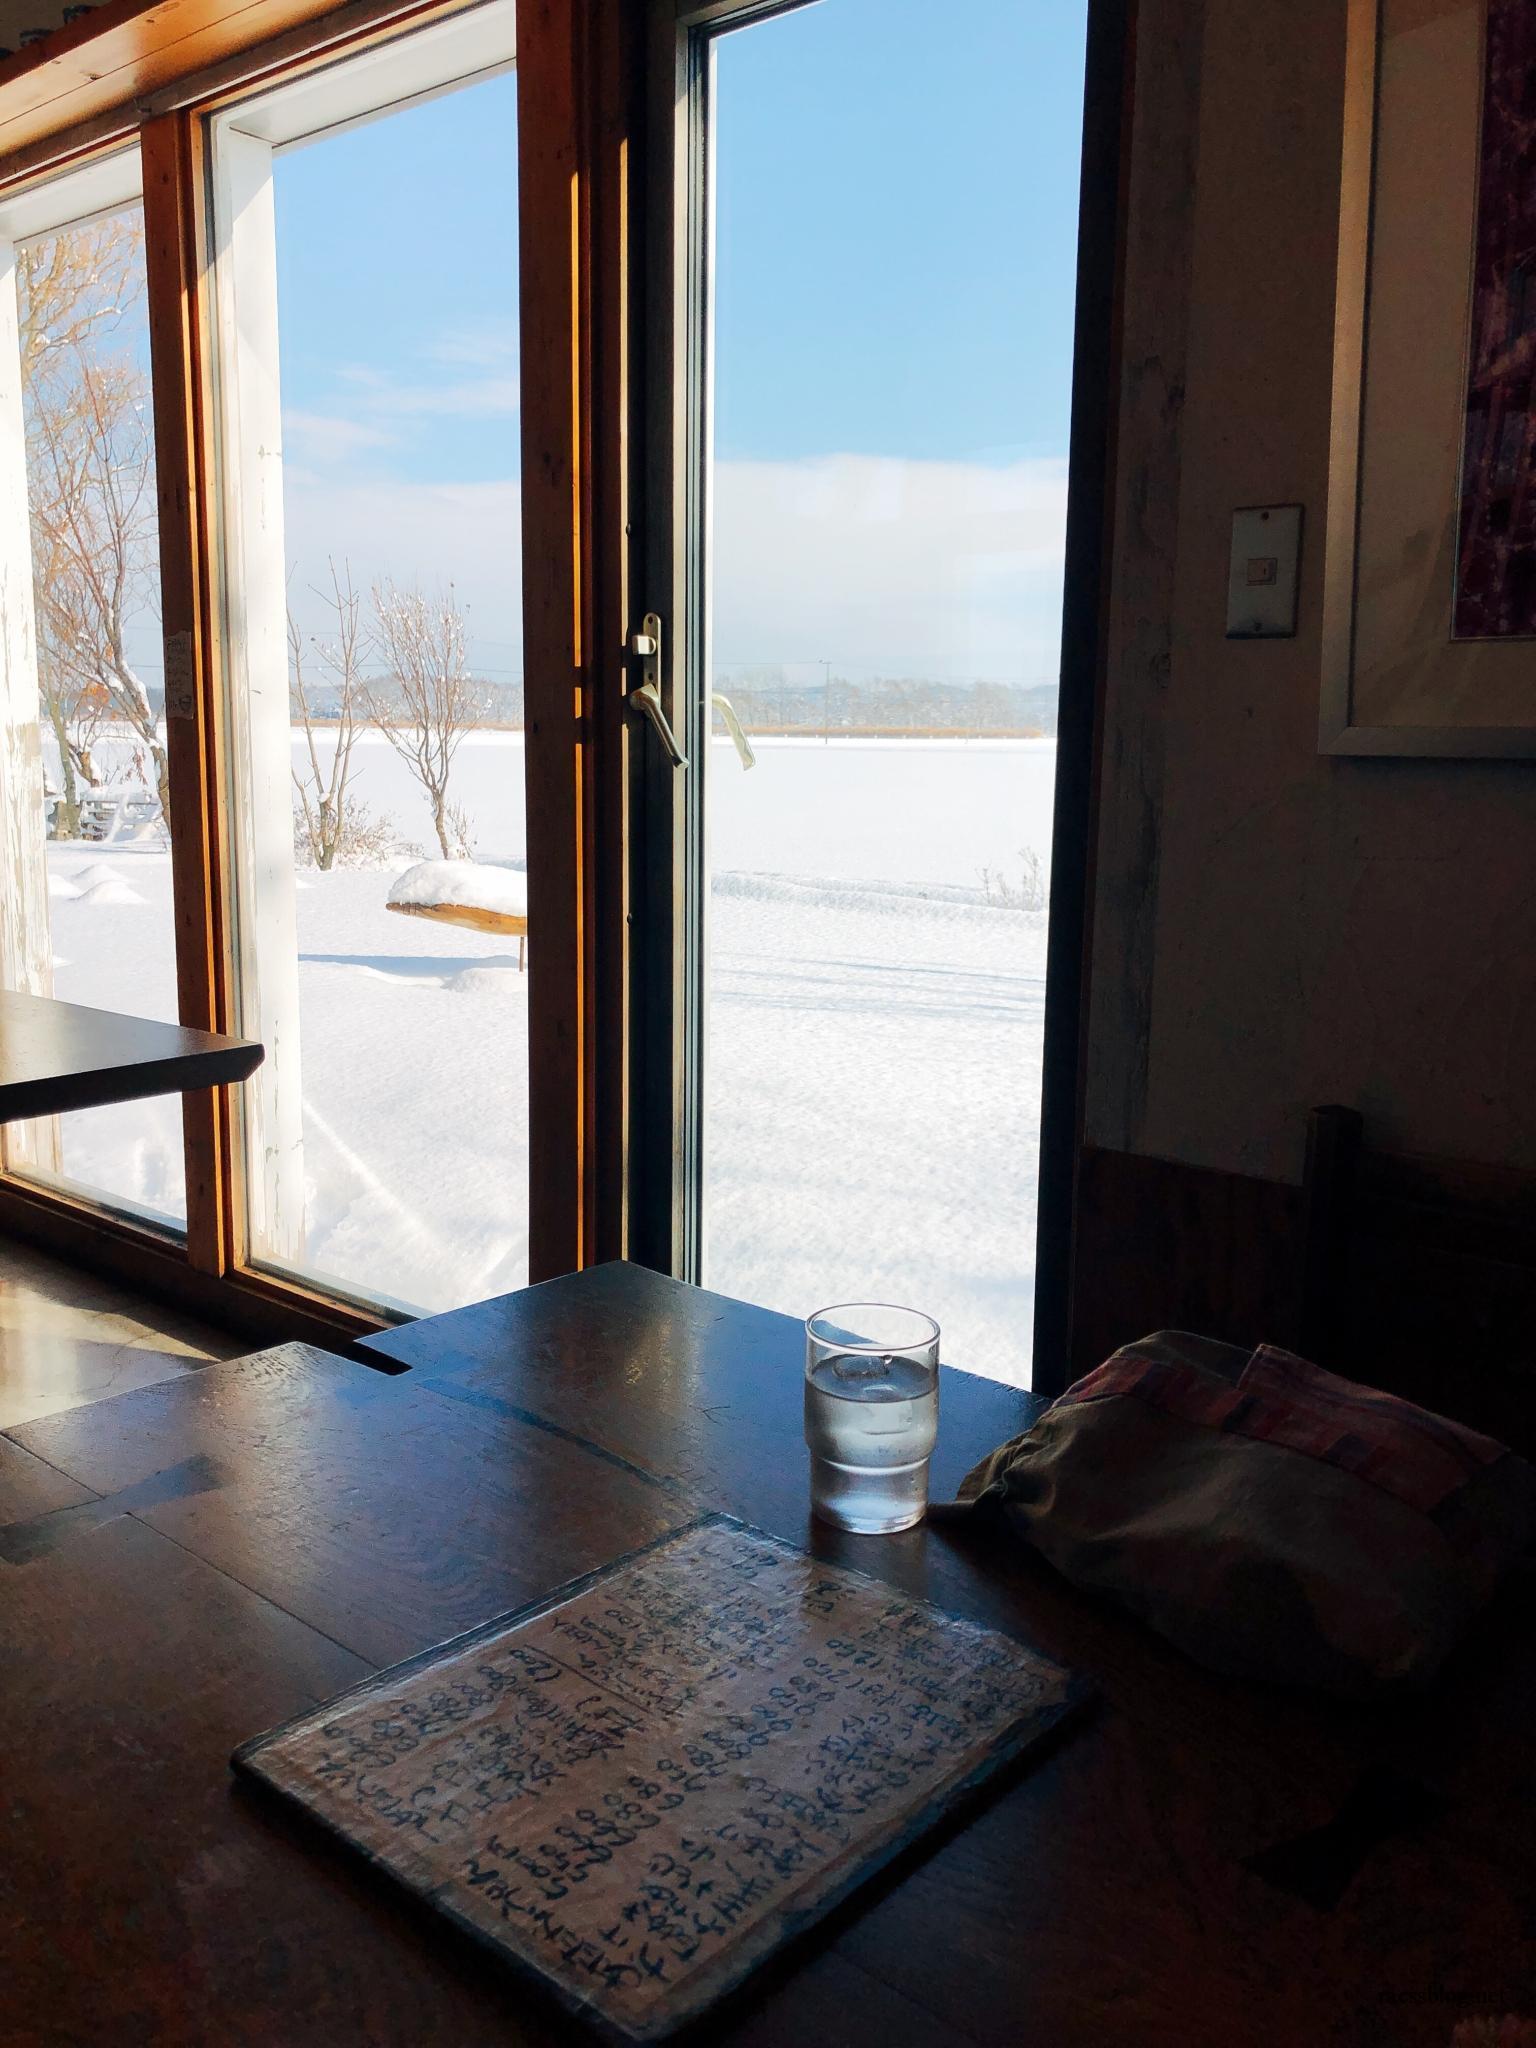 長沼グルメ|ほくほく庵・北海道らしい雪景色を堪能しながら手打ちうどんをいただく